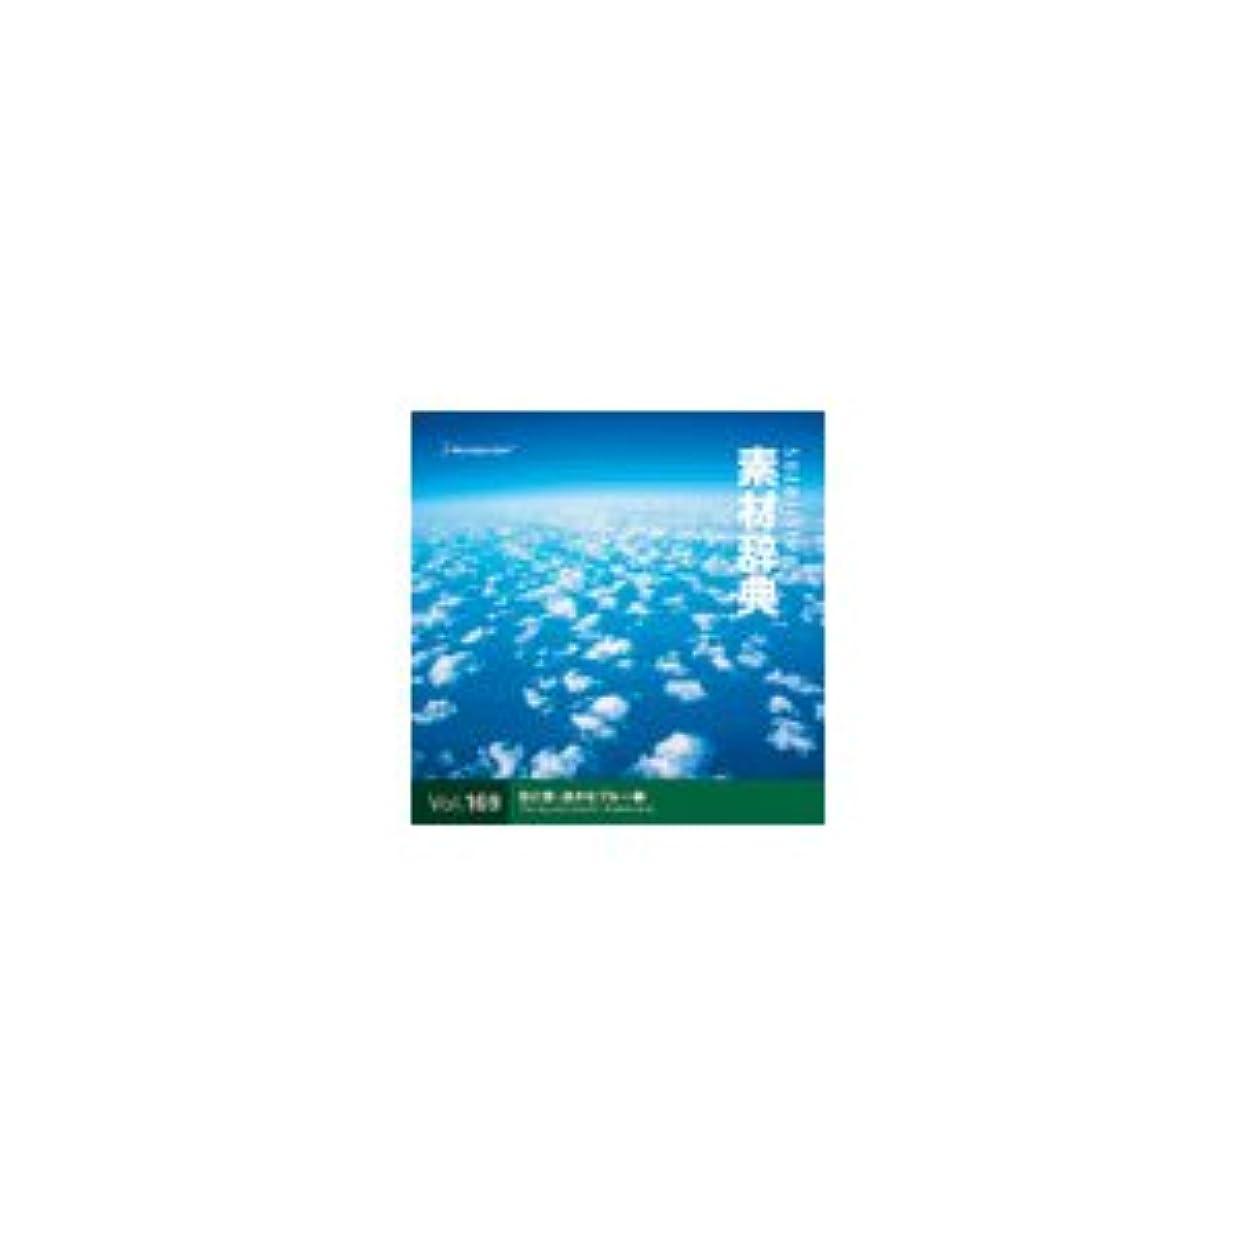 写真素材 素材辞典Vol.169 空と雲-遥かなブルー編 ds-68117